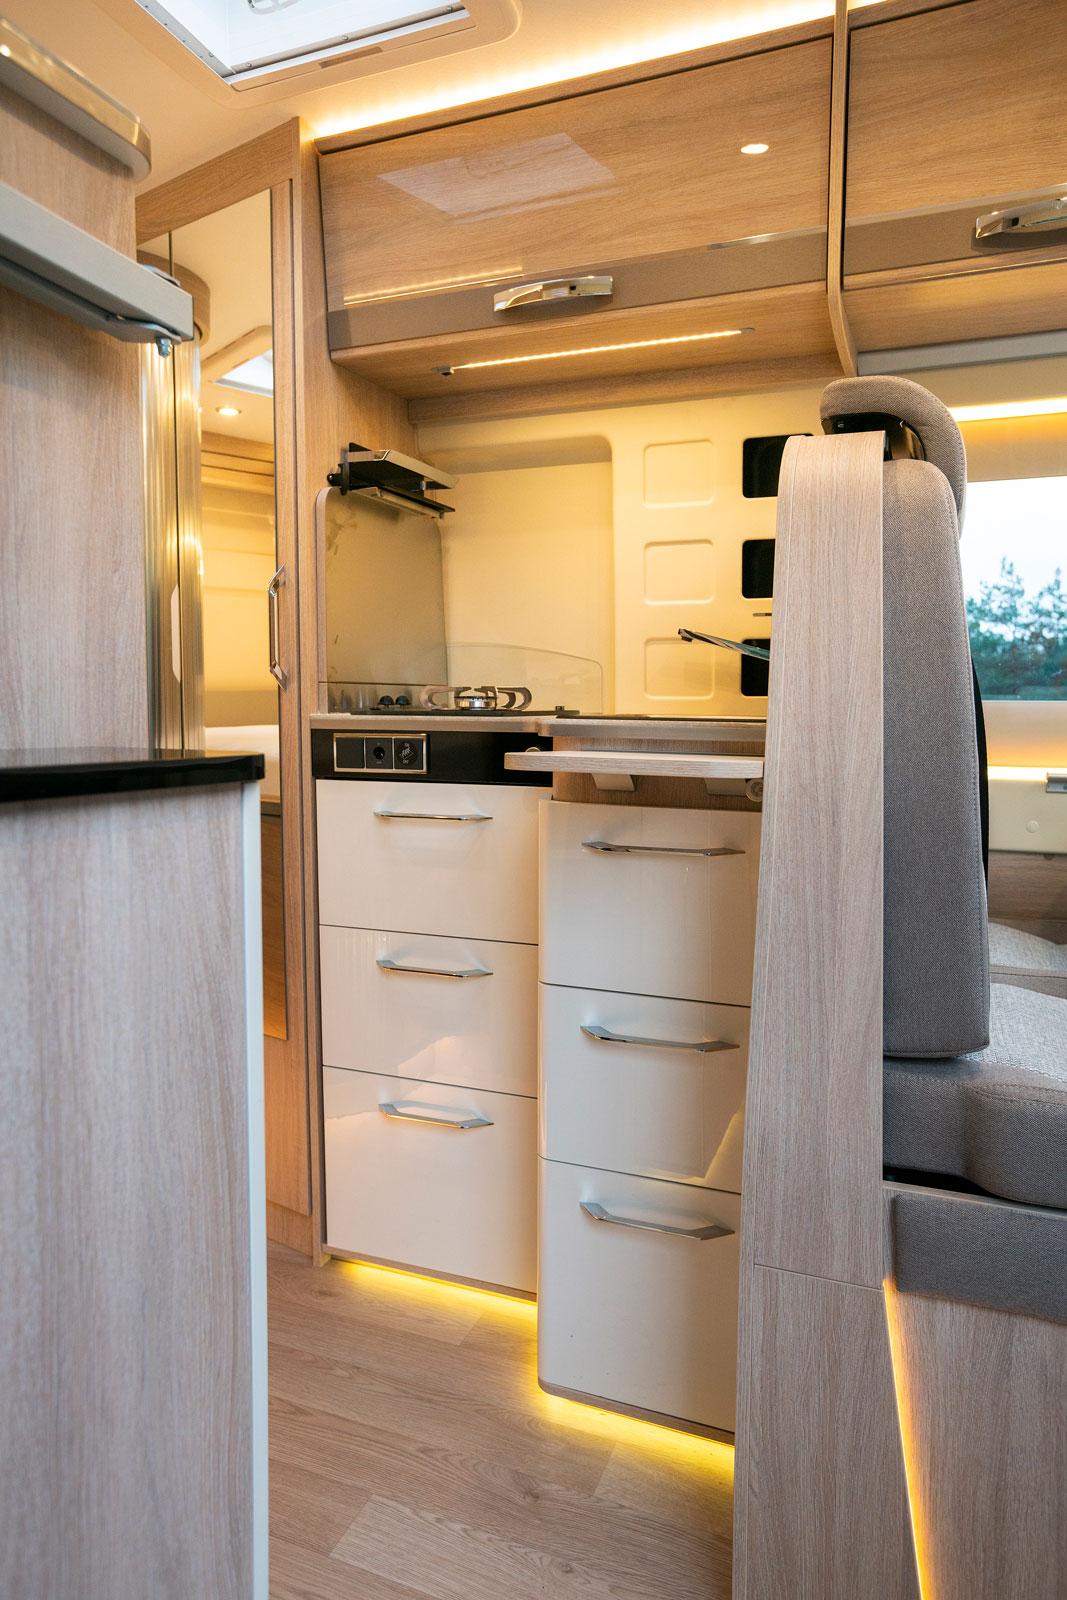 Vinkelkök med sex lådor plus ett överskåp men ingen fläkt och inget fönster.